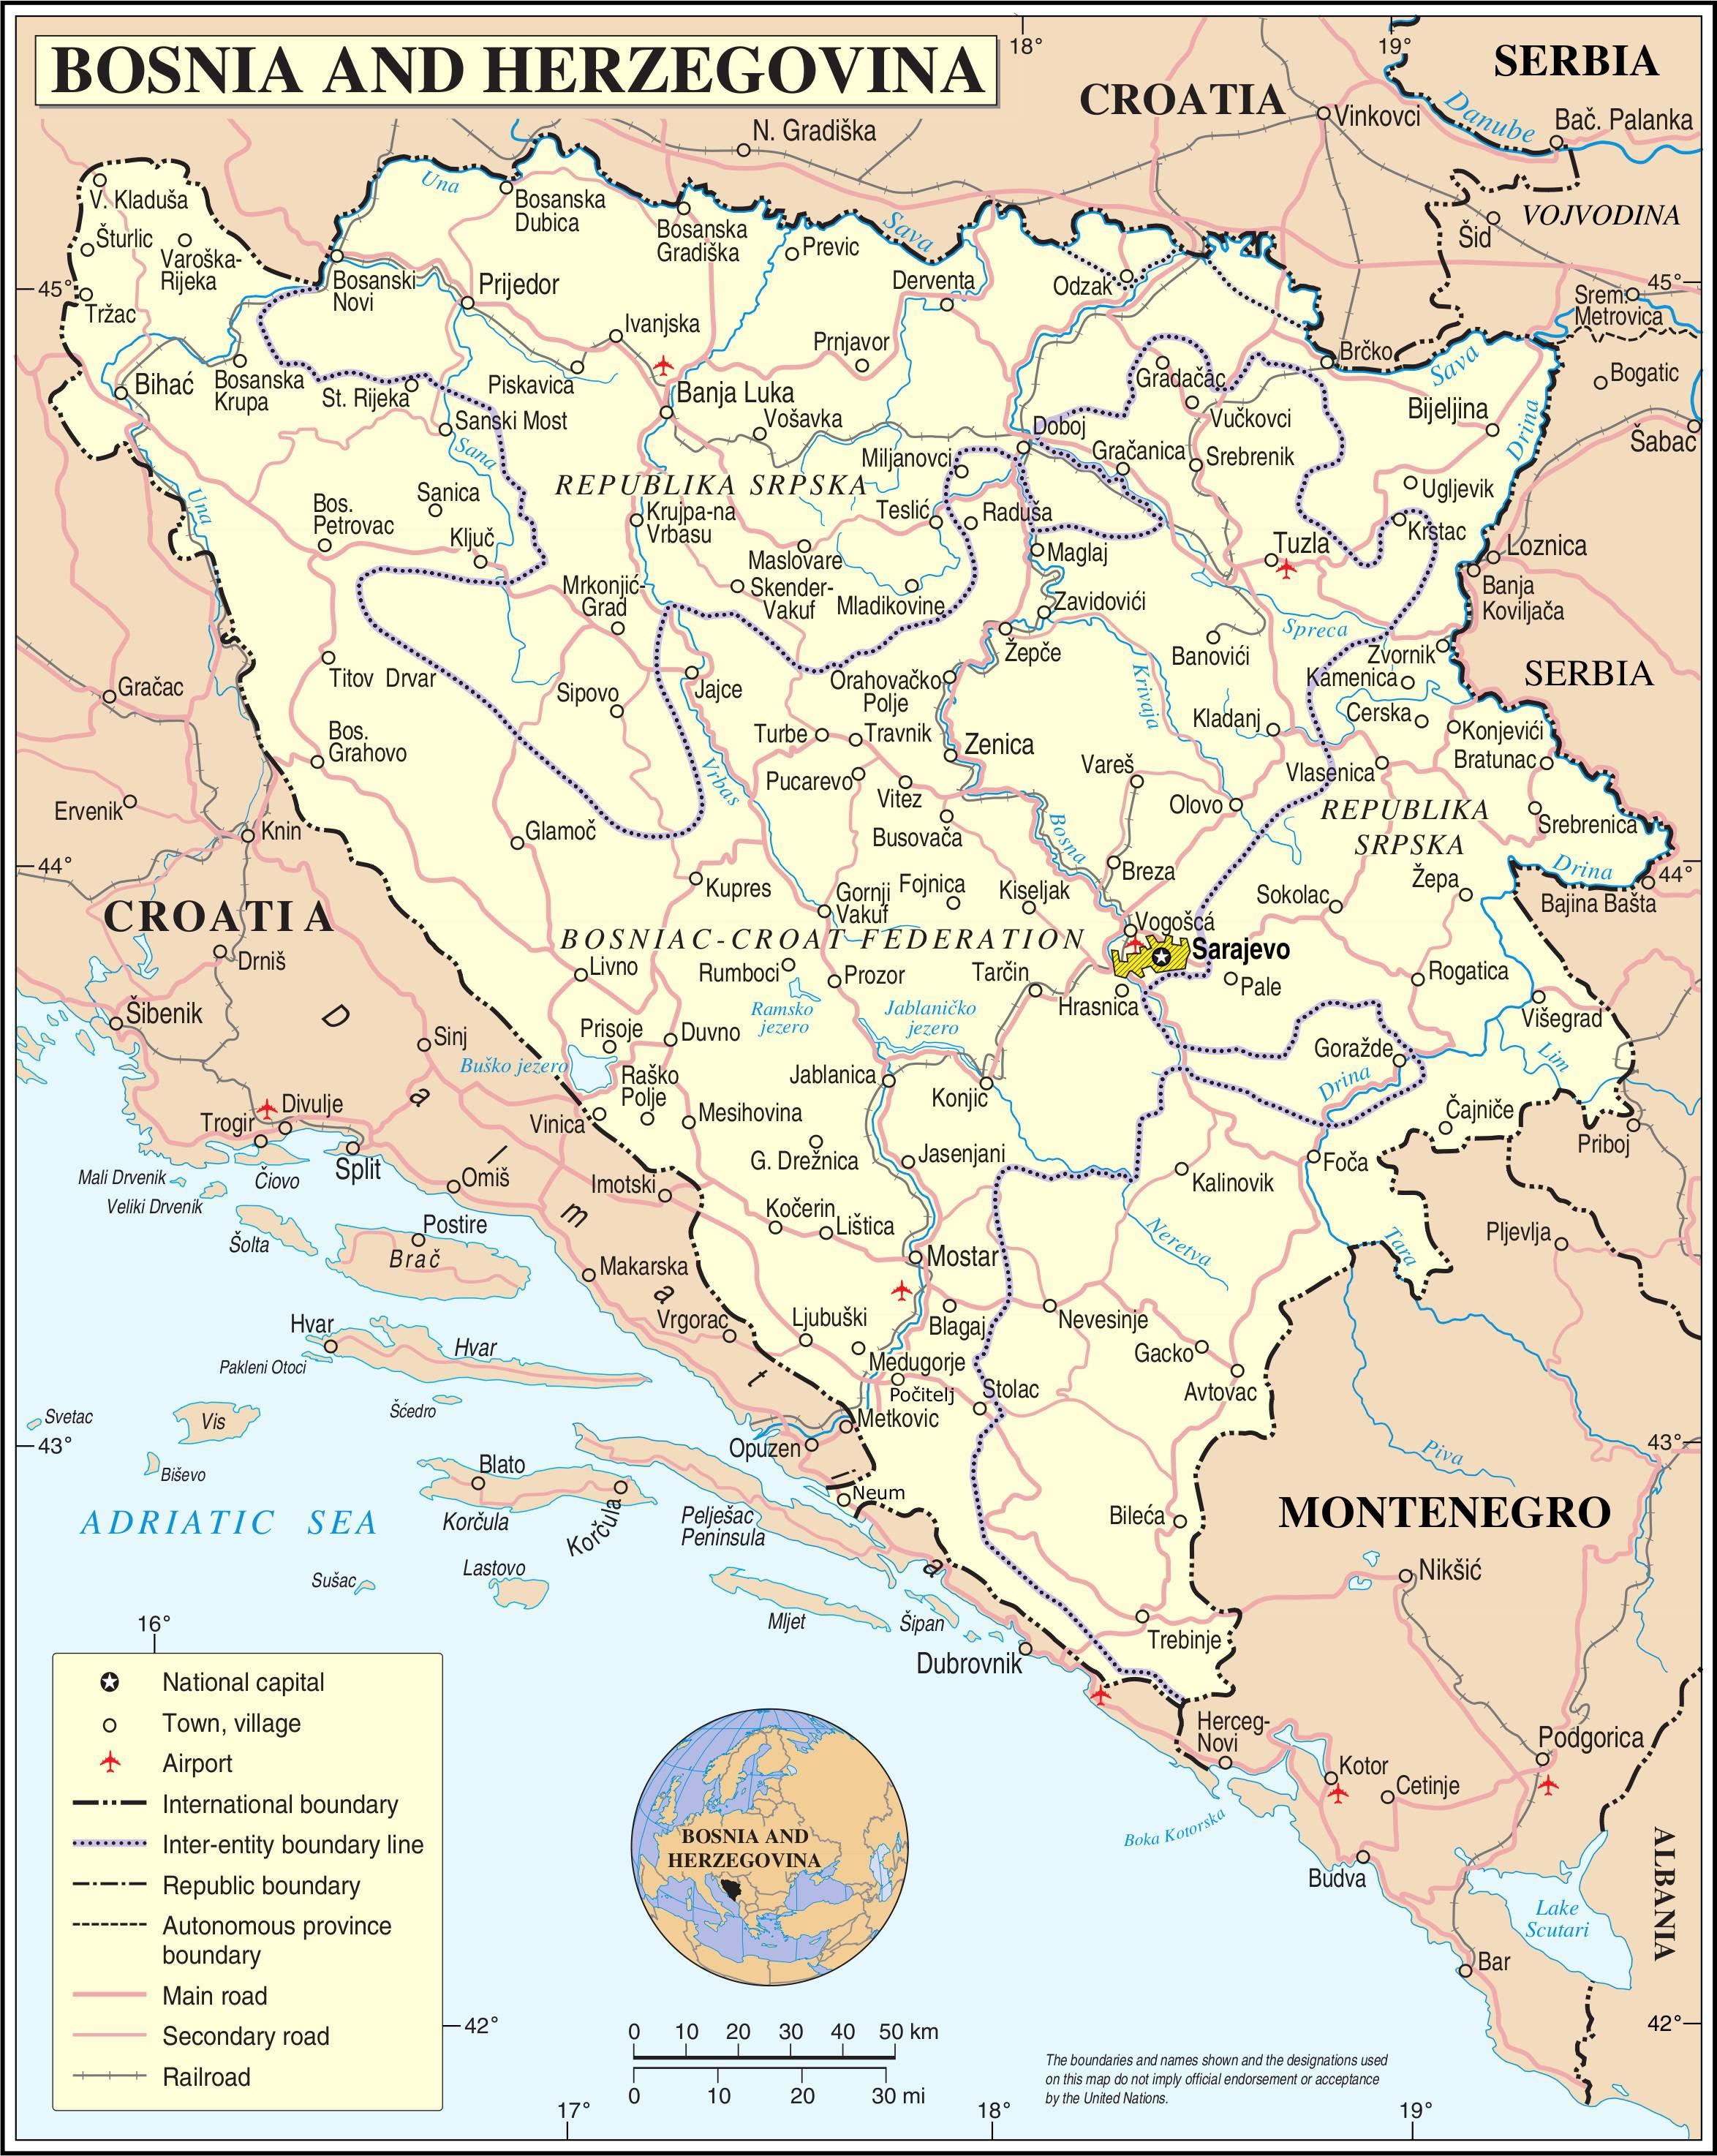 Carte détaillée de la Bosnie-Herzégovine